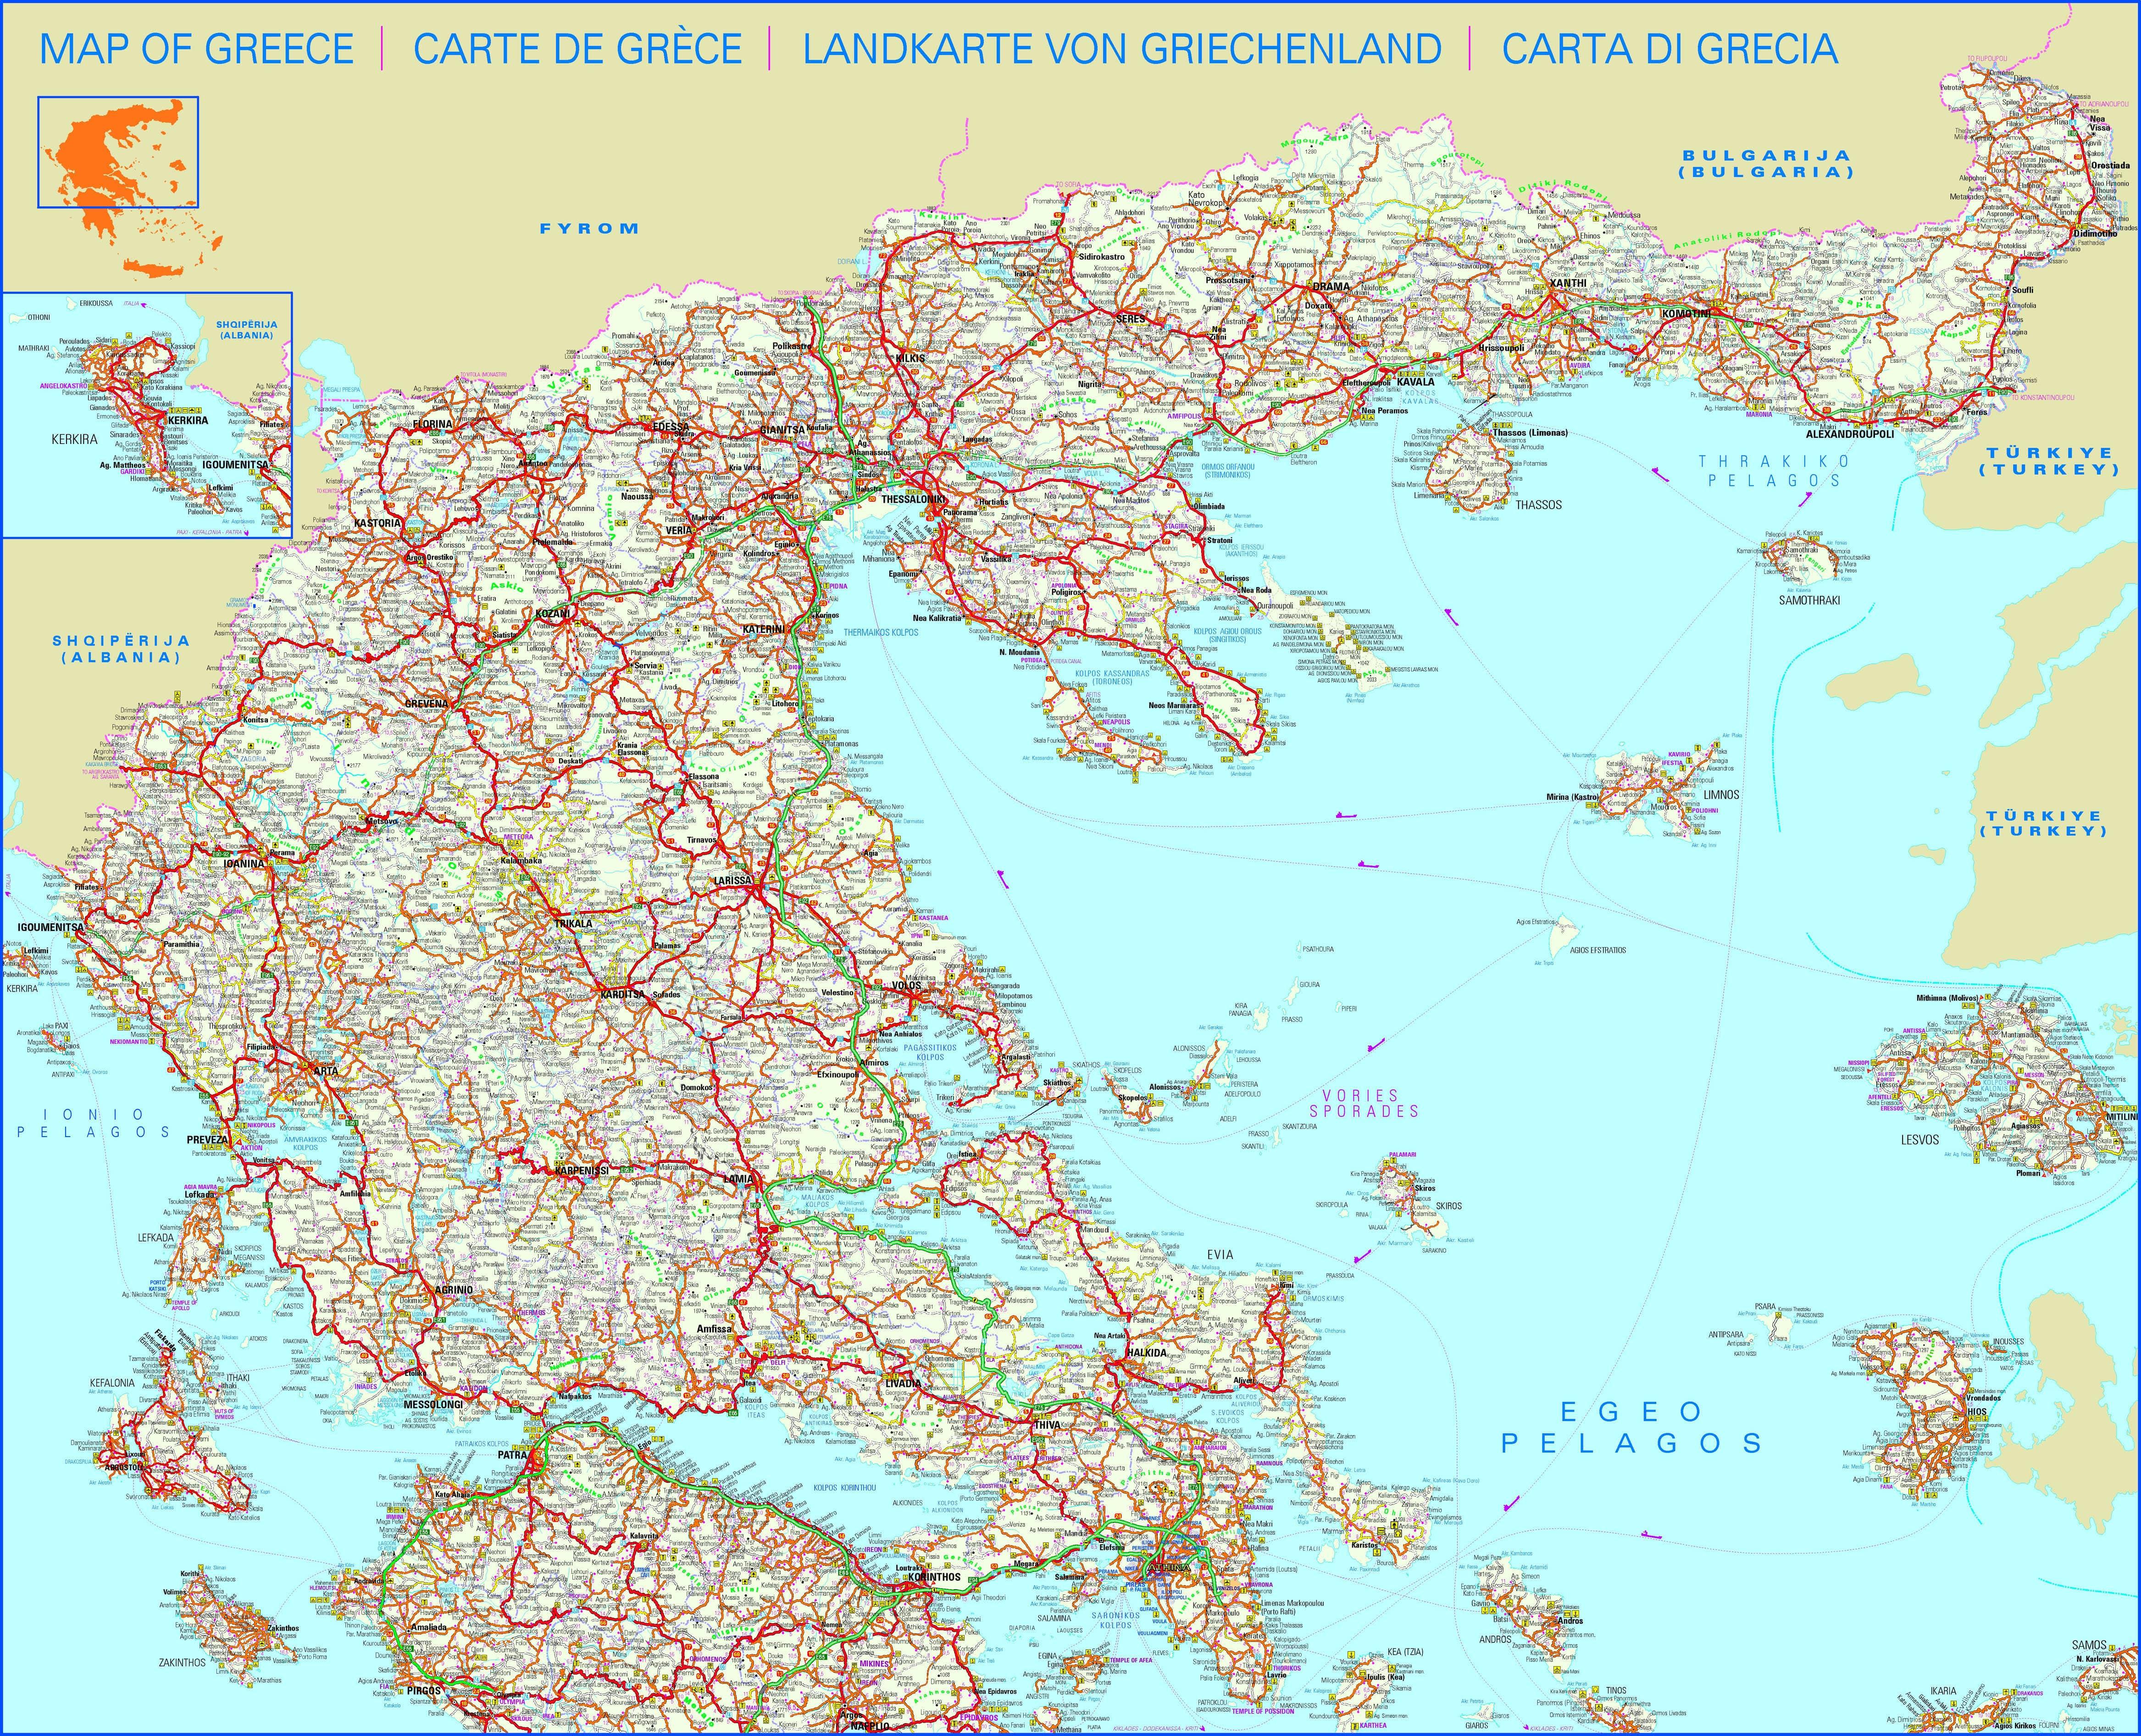 Carte Routiere Crete En Francais.Carte Routiere Grece En Francais Effegetangesj